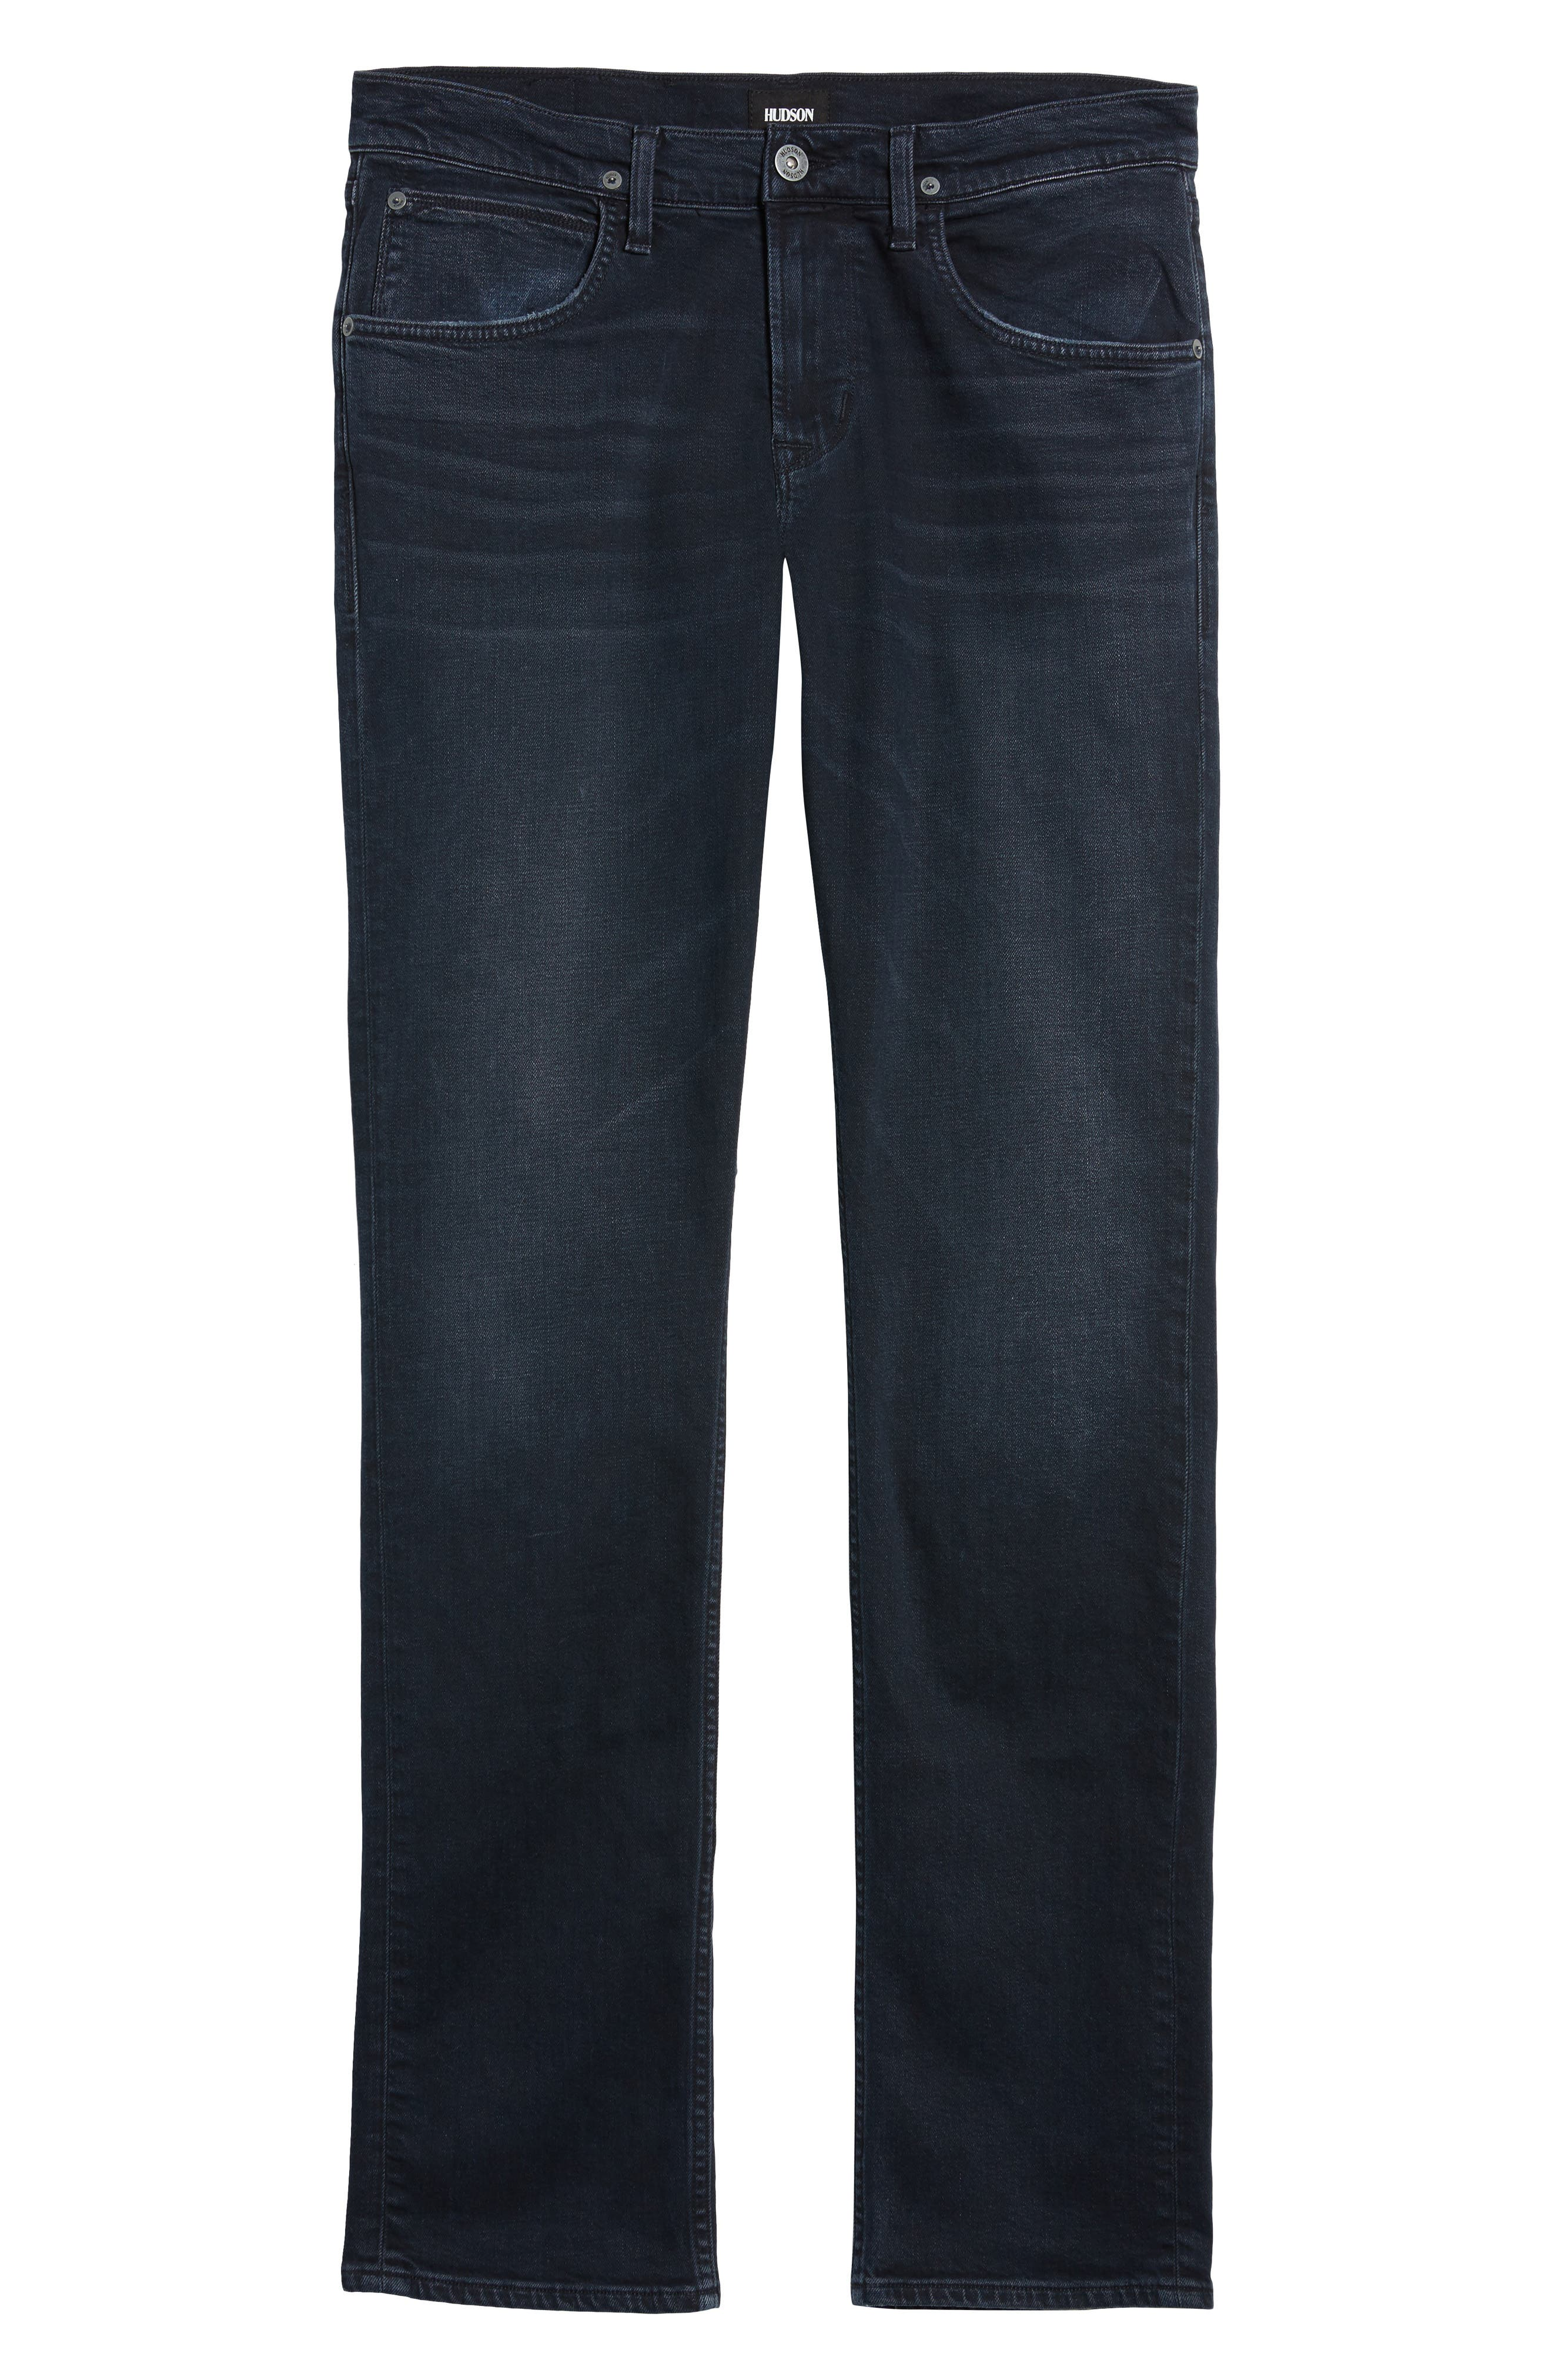 Byron Slim Straight Leg Jeans,                             Alternate thumbnail 6, color,                             Threaten